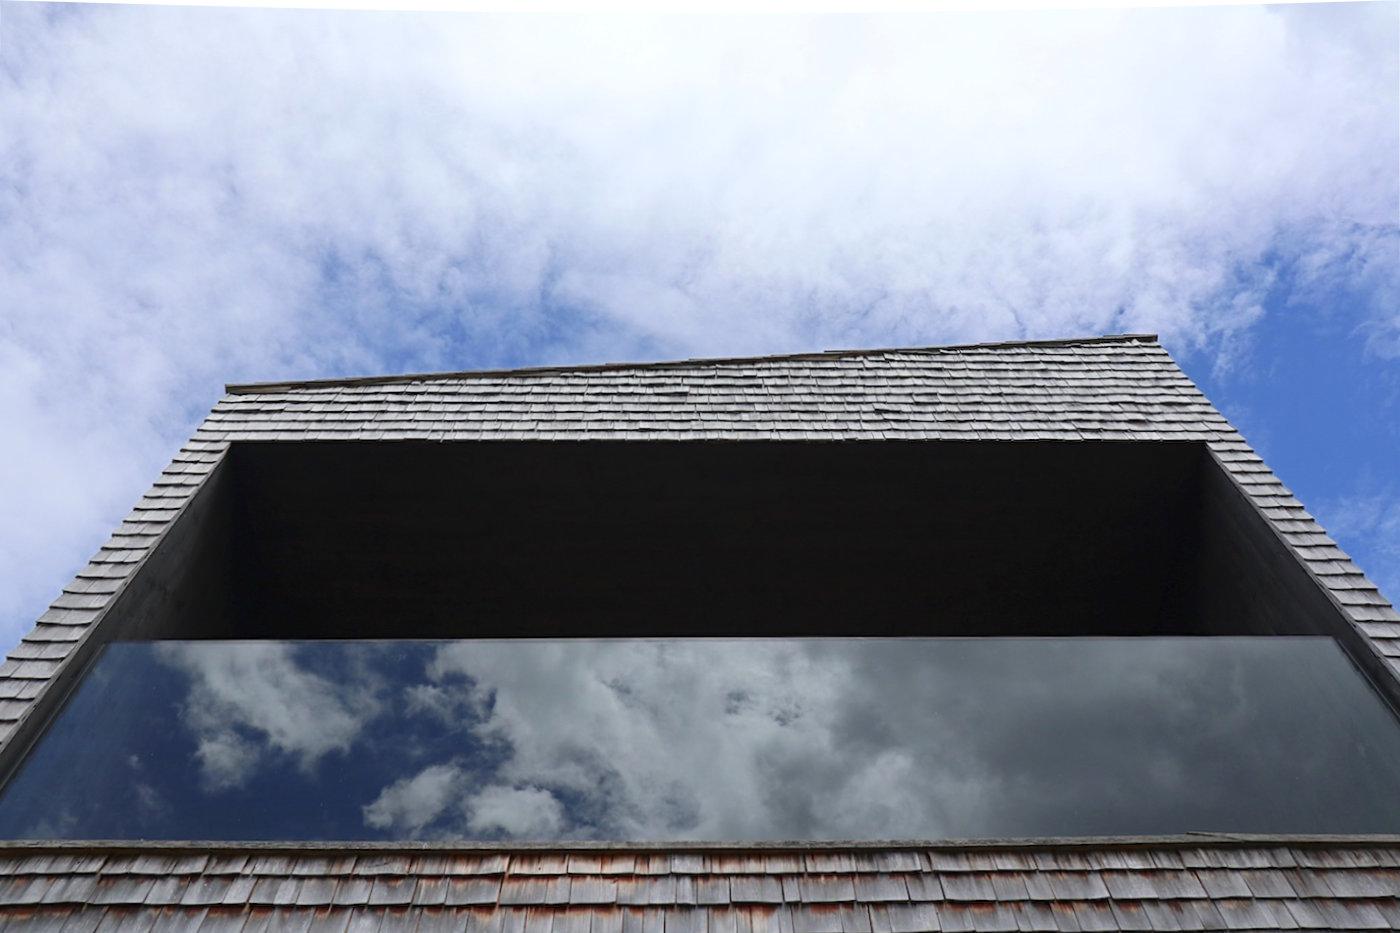 """BUS:STOP. Entwurf: Rintala Eggertsson Architects. Die Erneuerung einiger """"Buswartehüsle"""" war der Anlass für eines der ungewöhnlichsten Architekturprojekte in Österreich. Sieben international renommierte Architekturbüros entwarfen spektakuläre Bushaltestellen, meisterhaft von den Handwerkern des Bregenzerwaldes umgesetzt."""